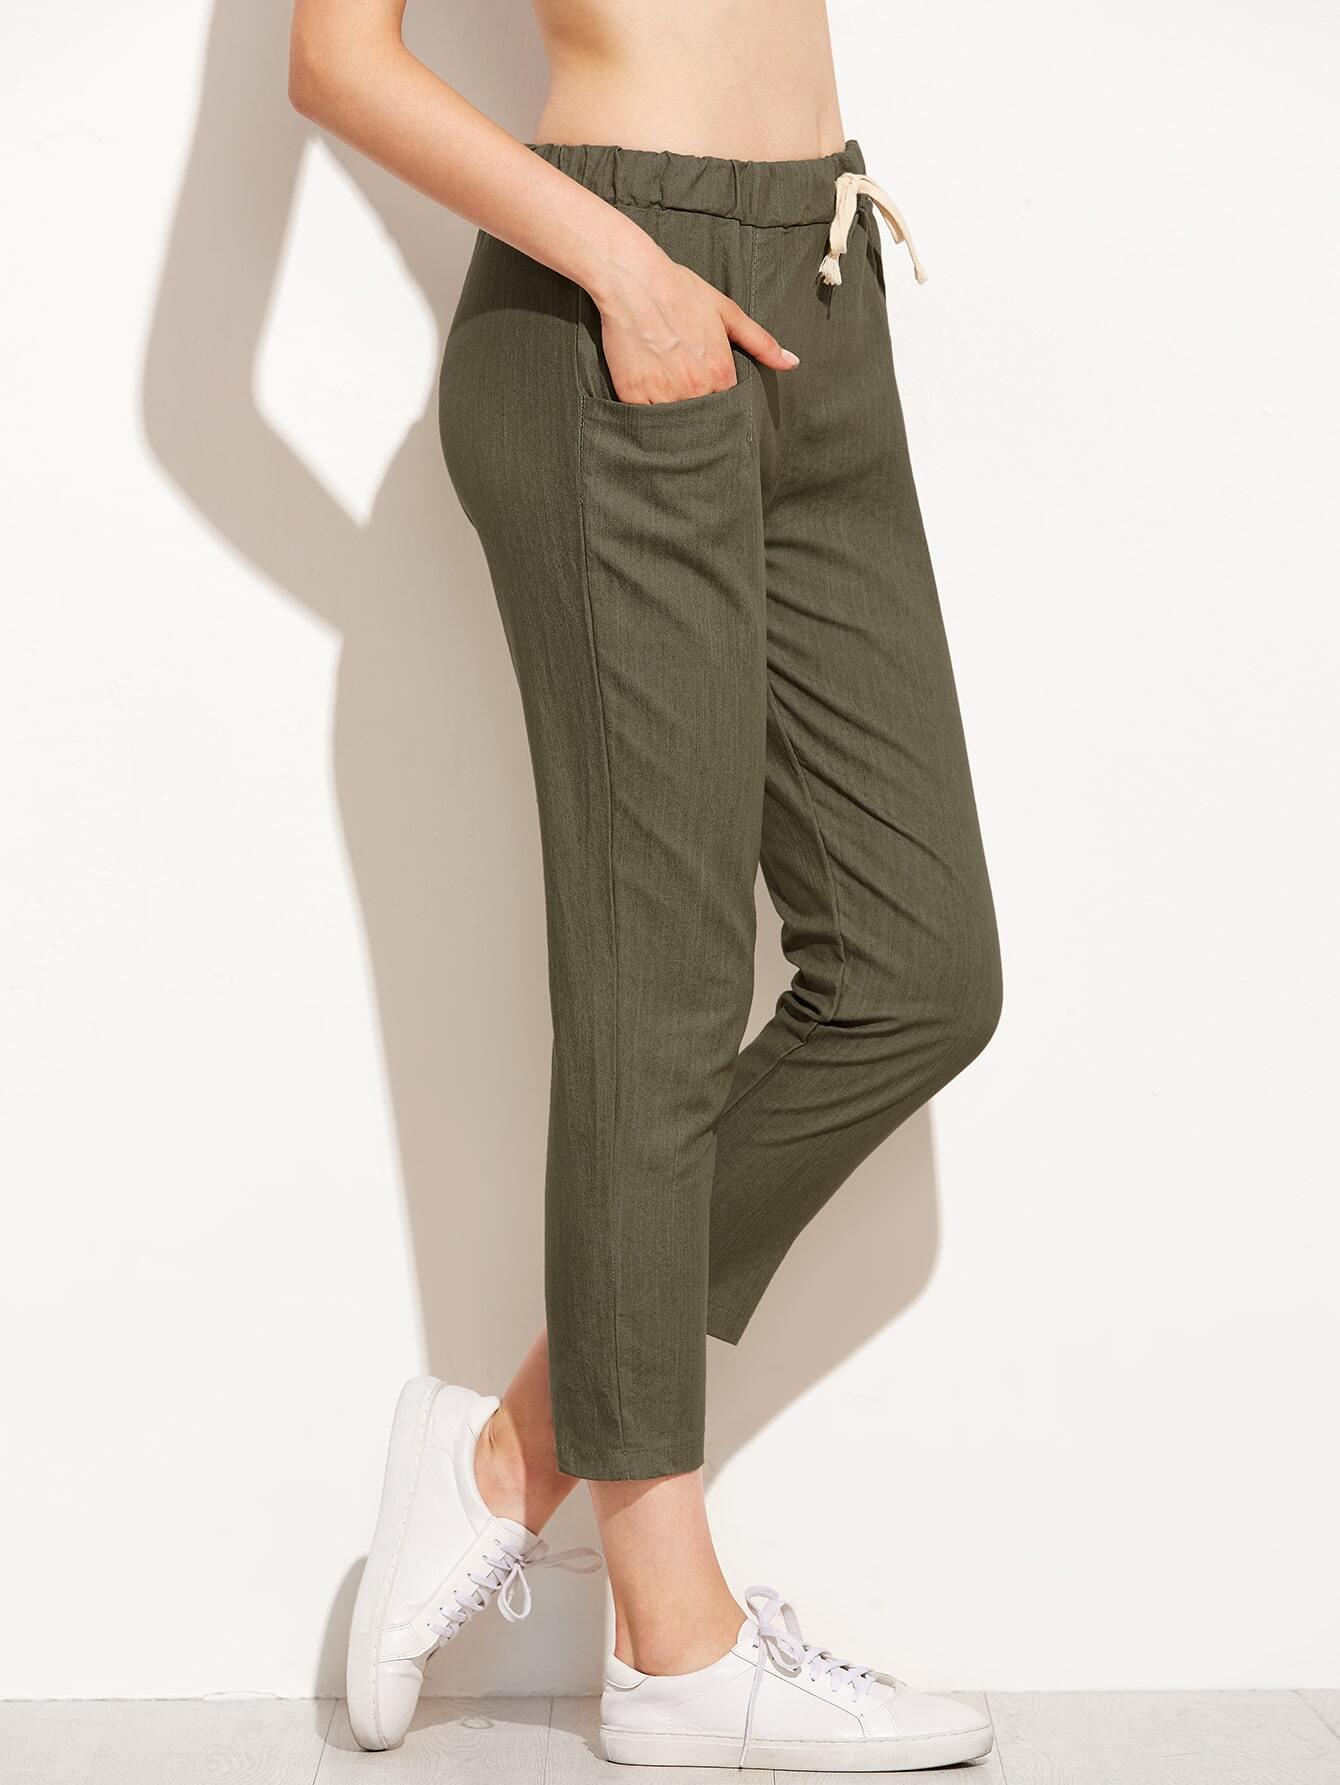 pants160809004_2